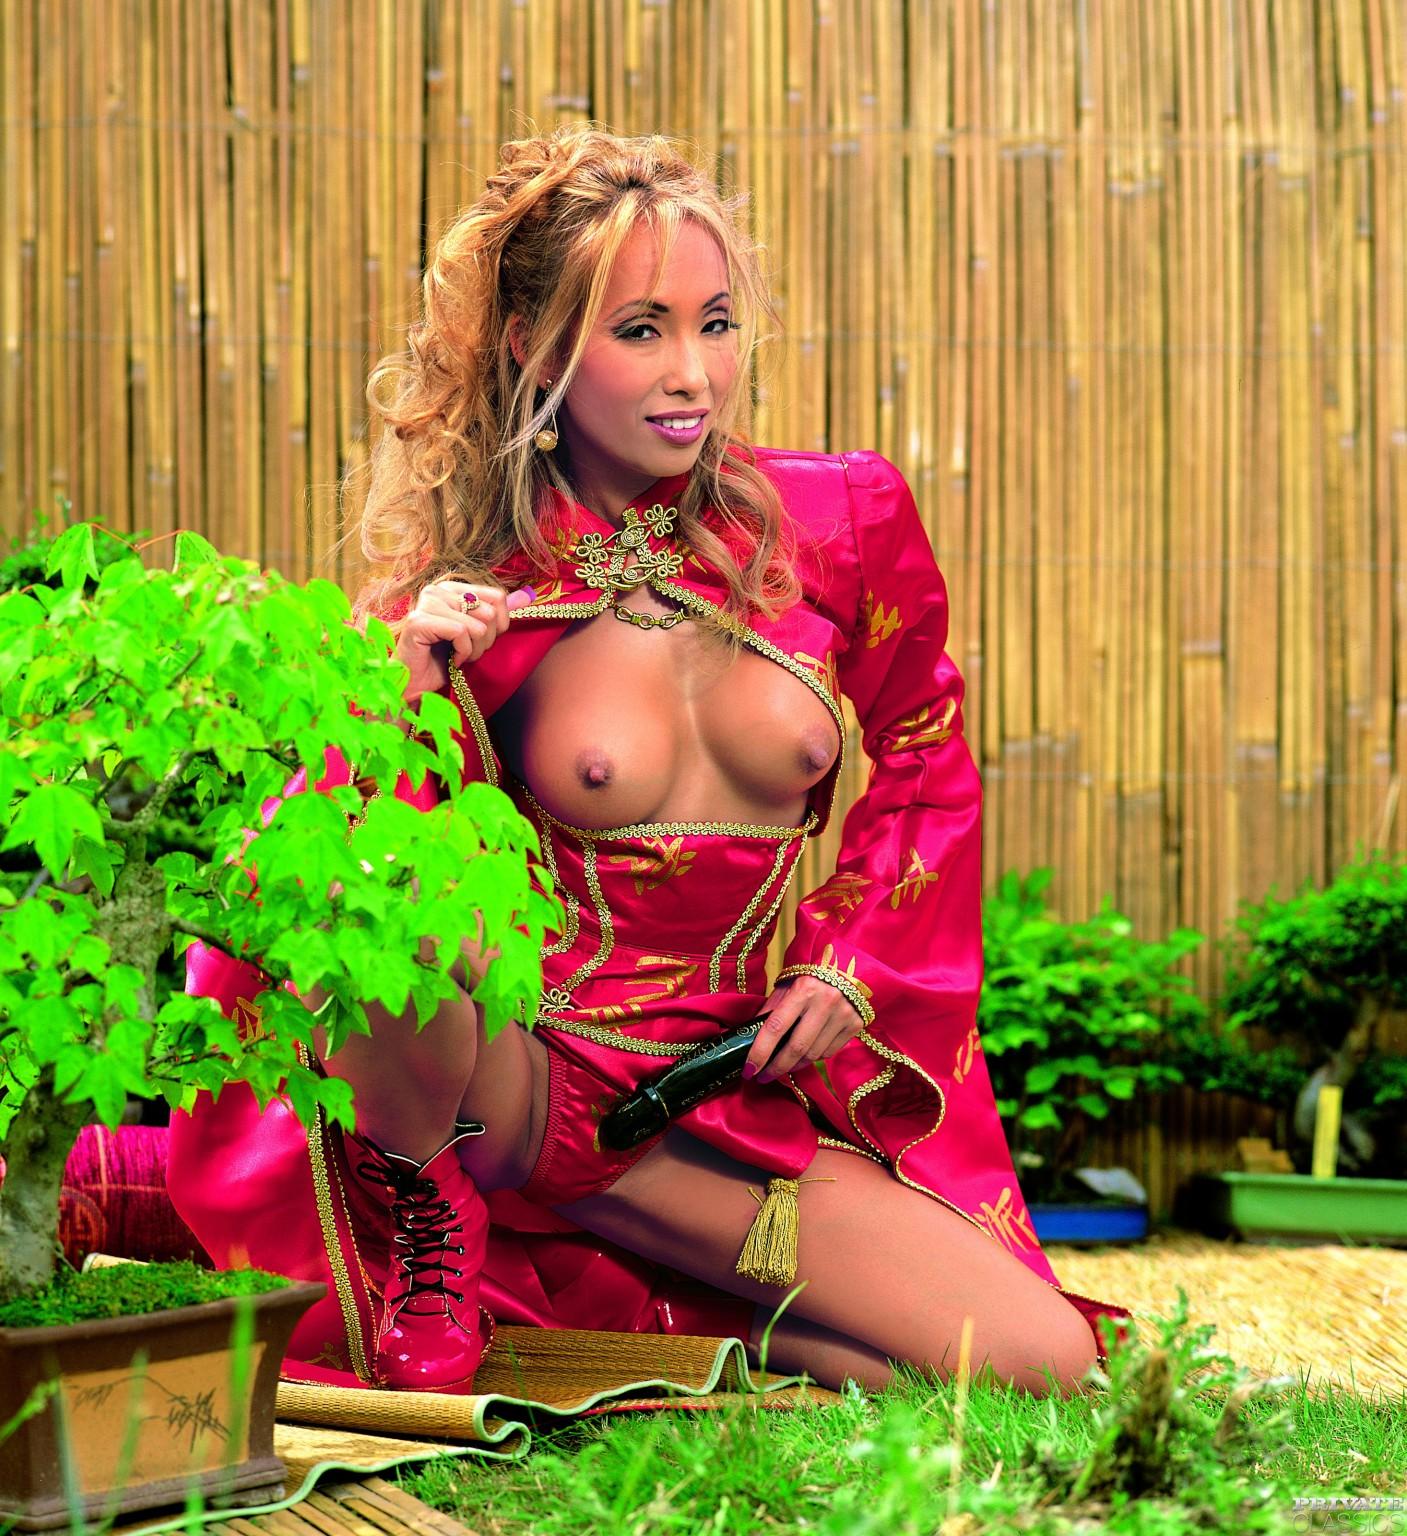 Jennifer reyna kprc boob shot